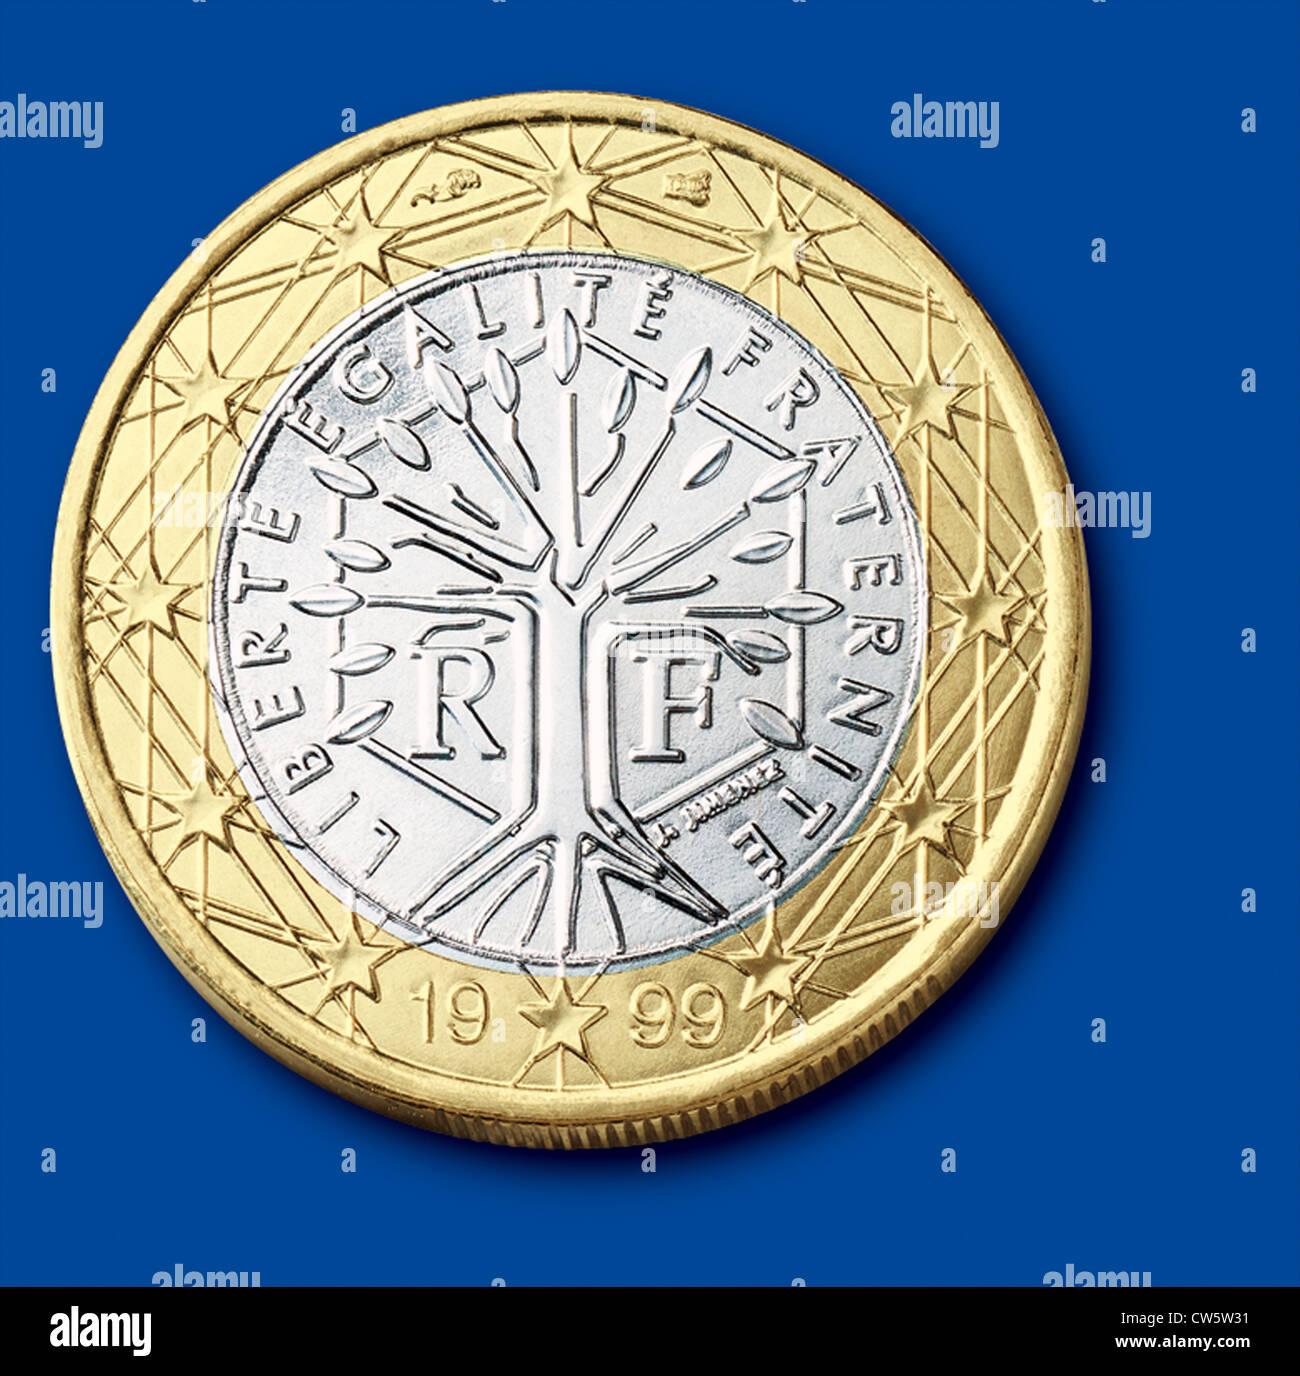 France Euro Coin Photos France Euro Coin Images Alamy